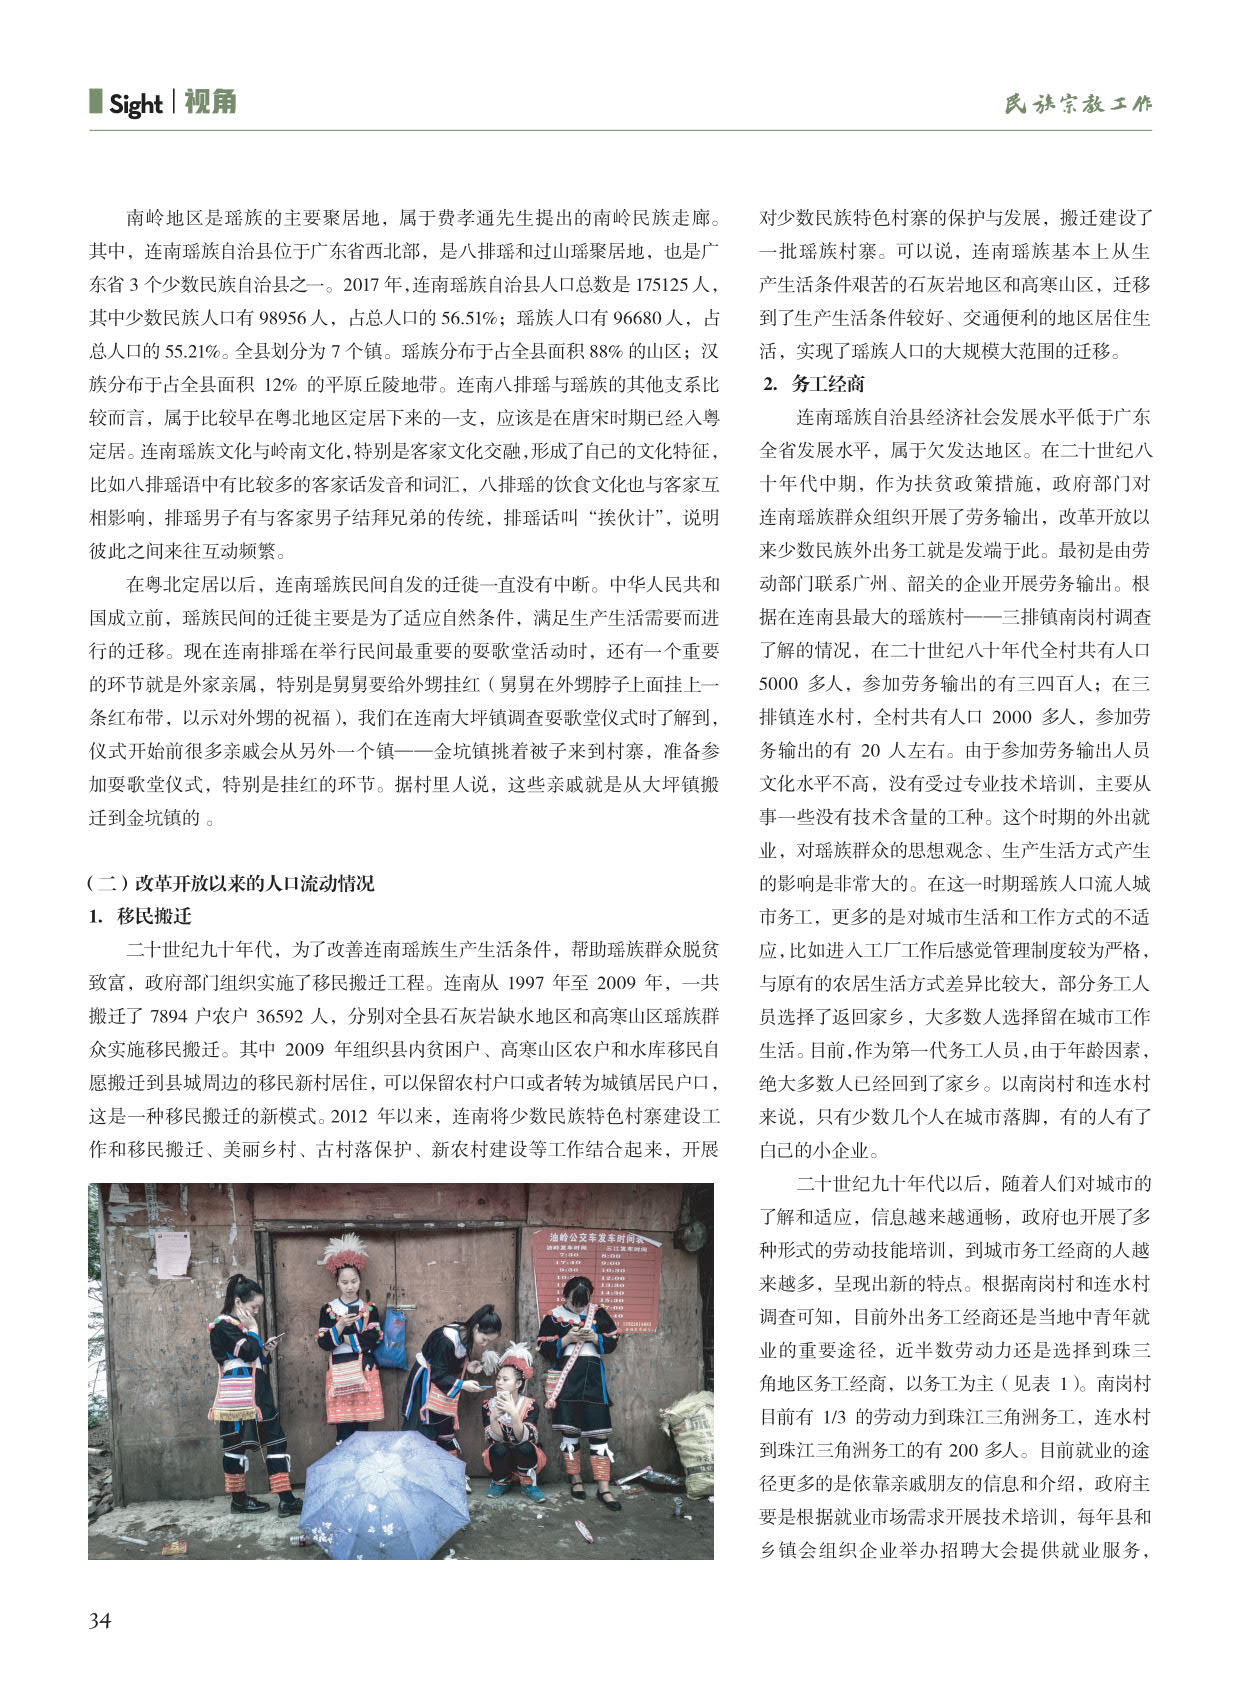 民宗委 十月(1)_36.jpg